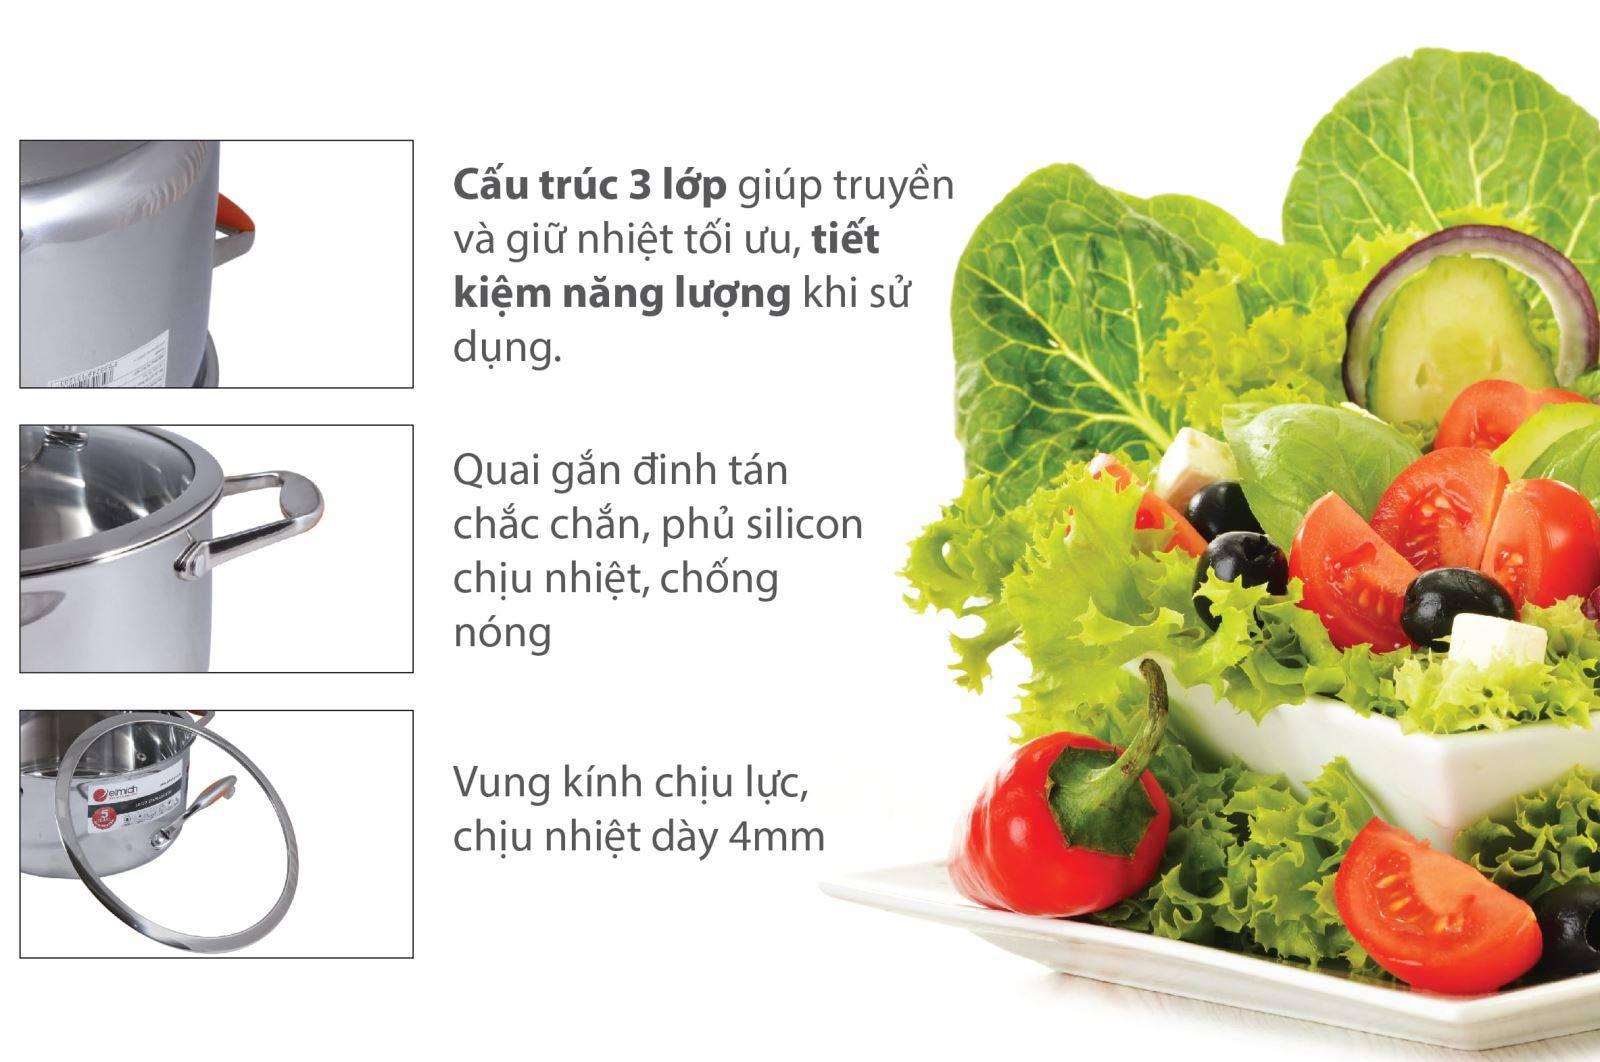 Bộ nồi inox Elmich Matador - EL0123 3 lớp liền khối giúp nấu chín thức ăn nhanh hơn